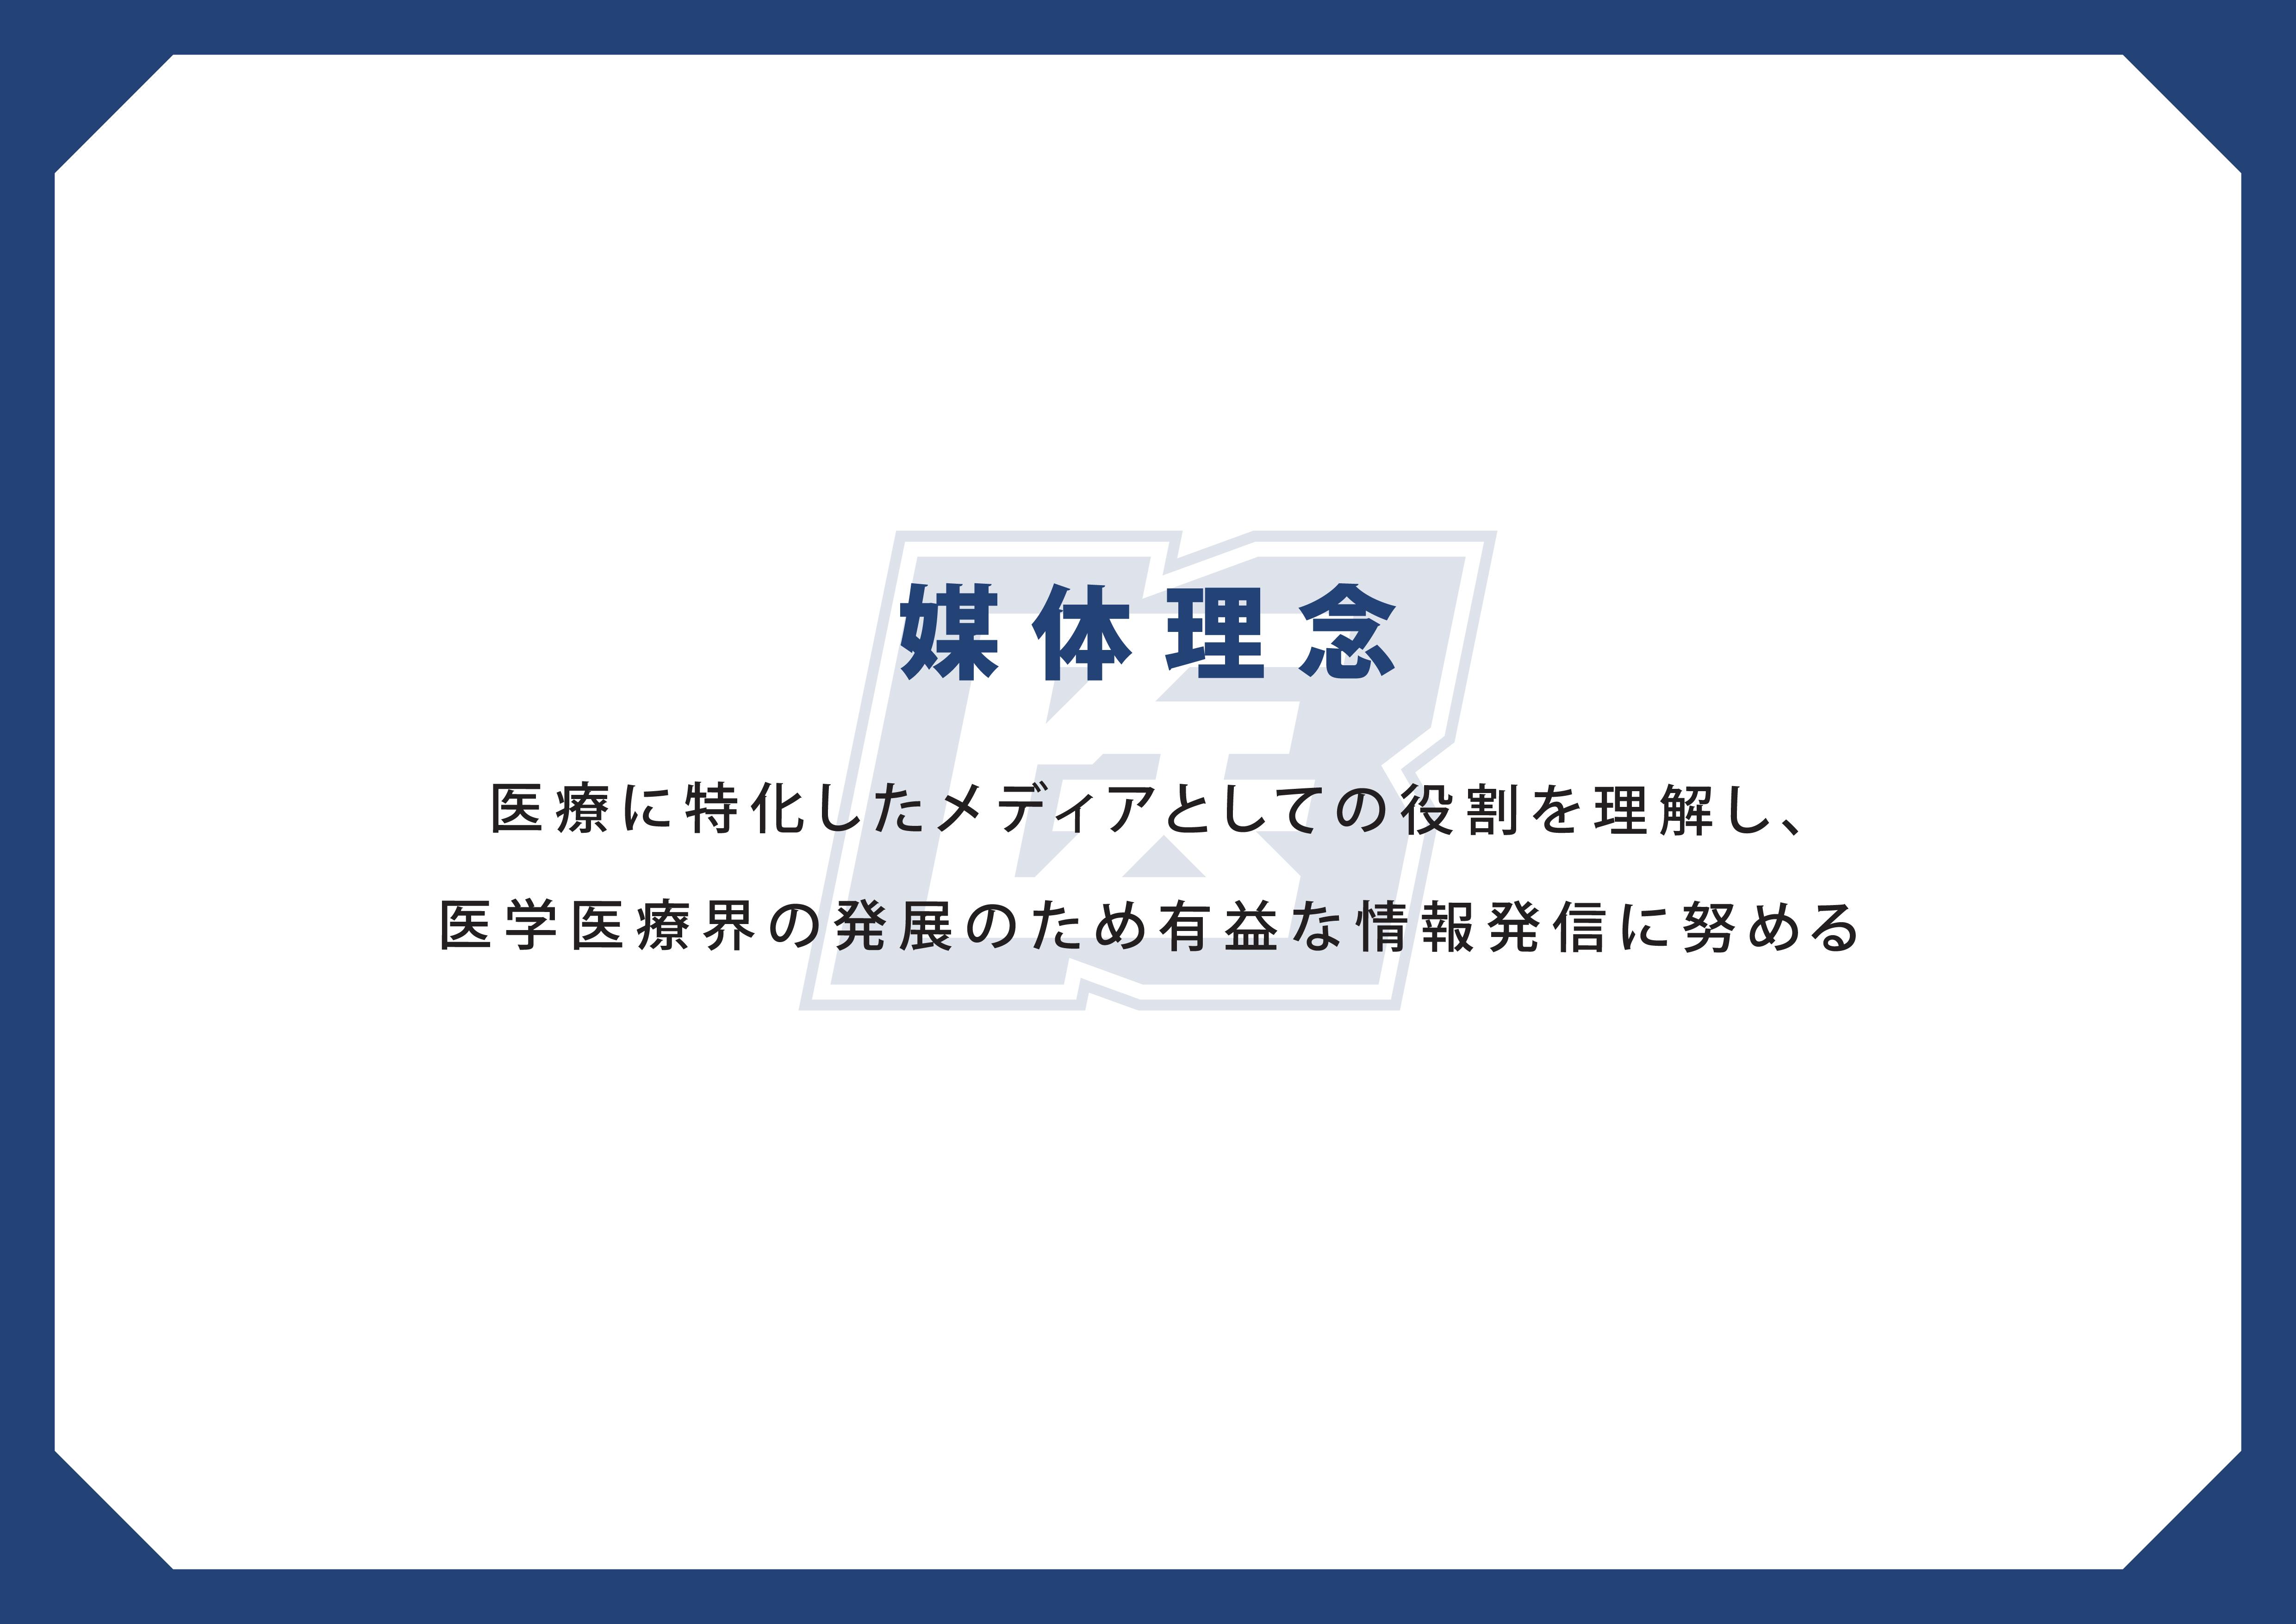 媒体理念 (1).jpg